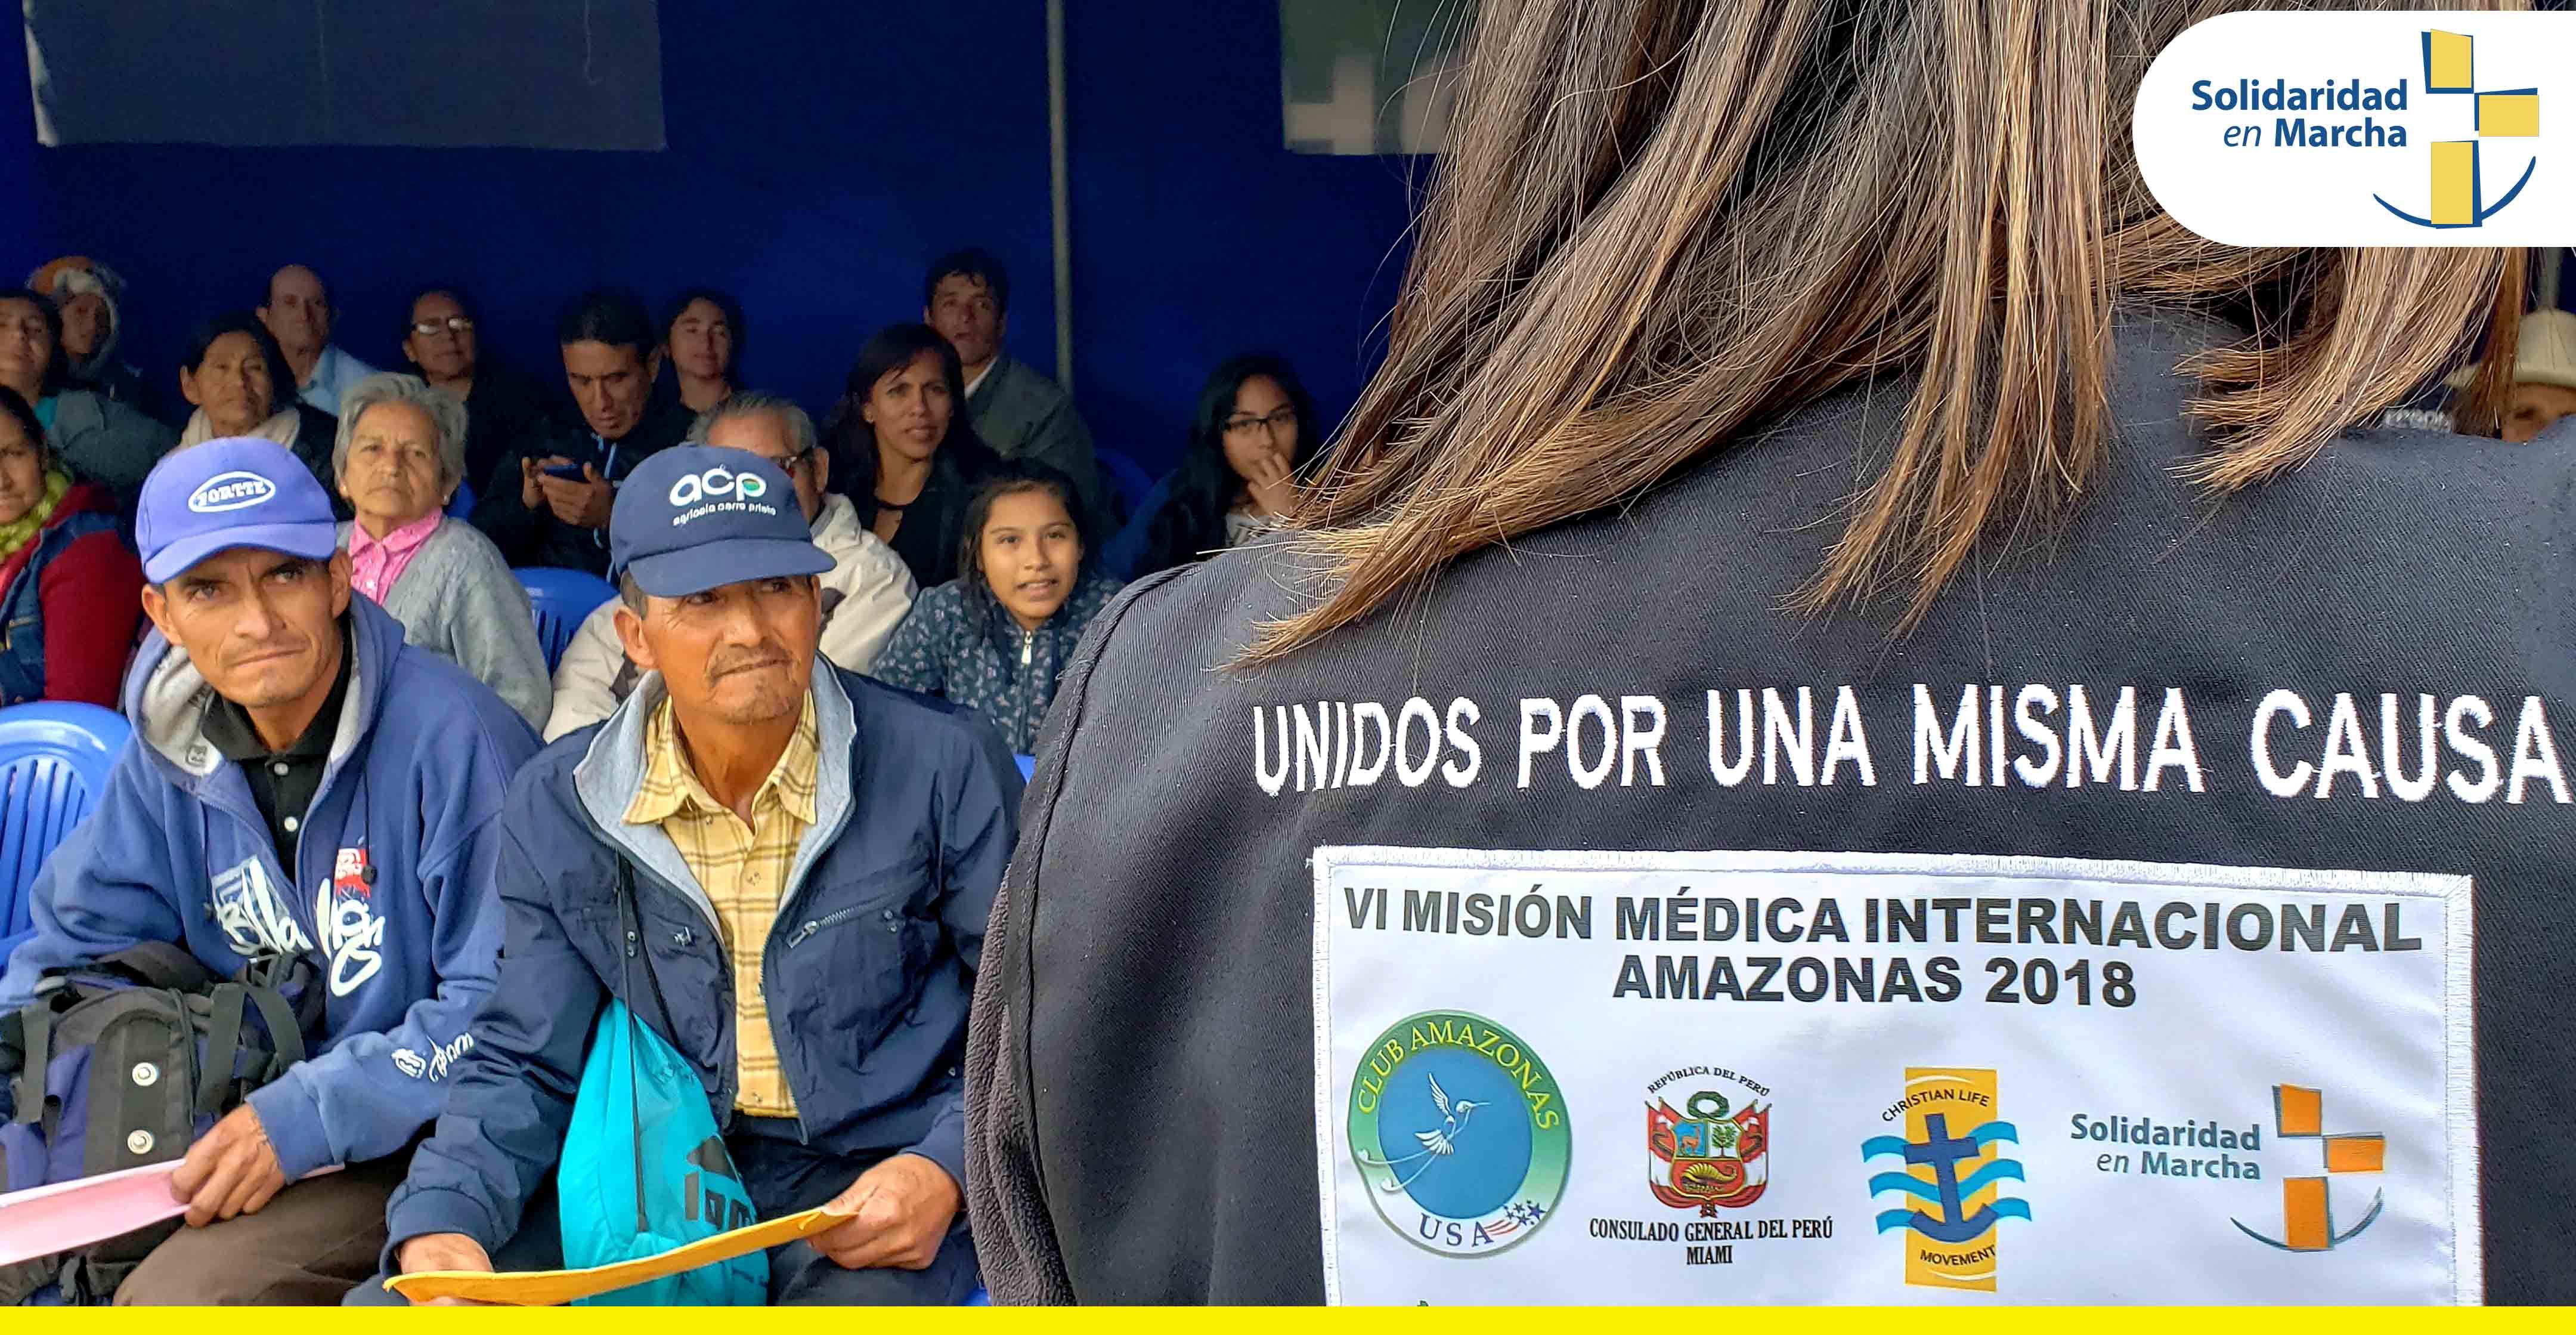 Misión Médica Internacional en Amazonas logra más de 5500 atenciones médicas